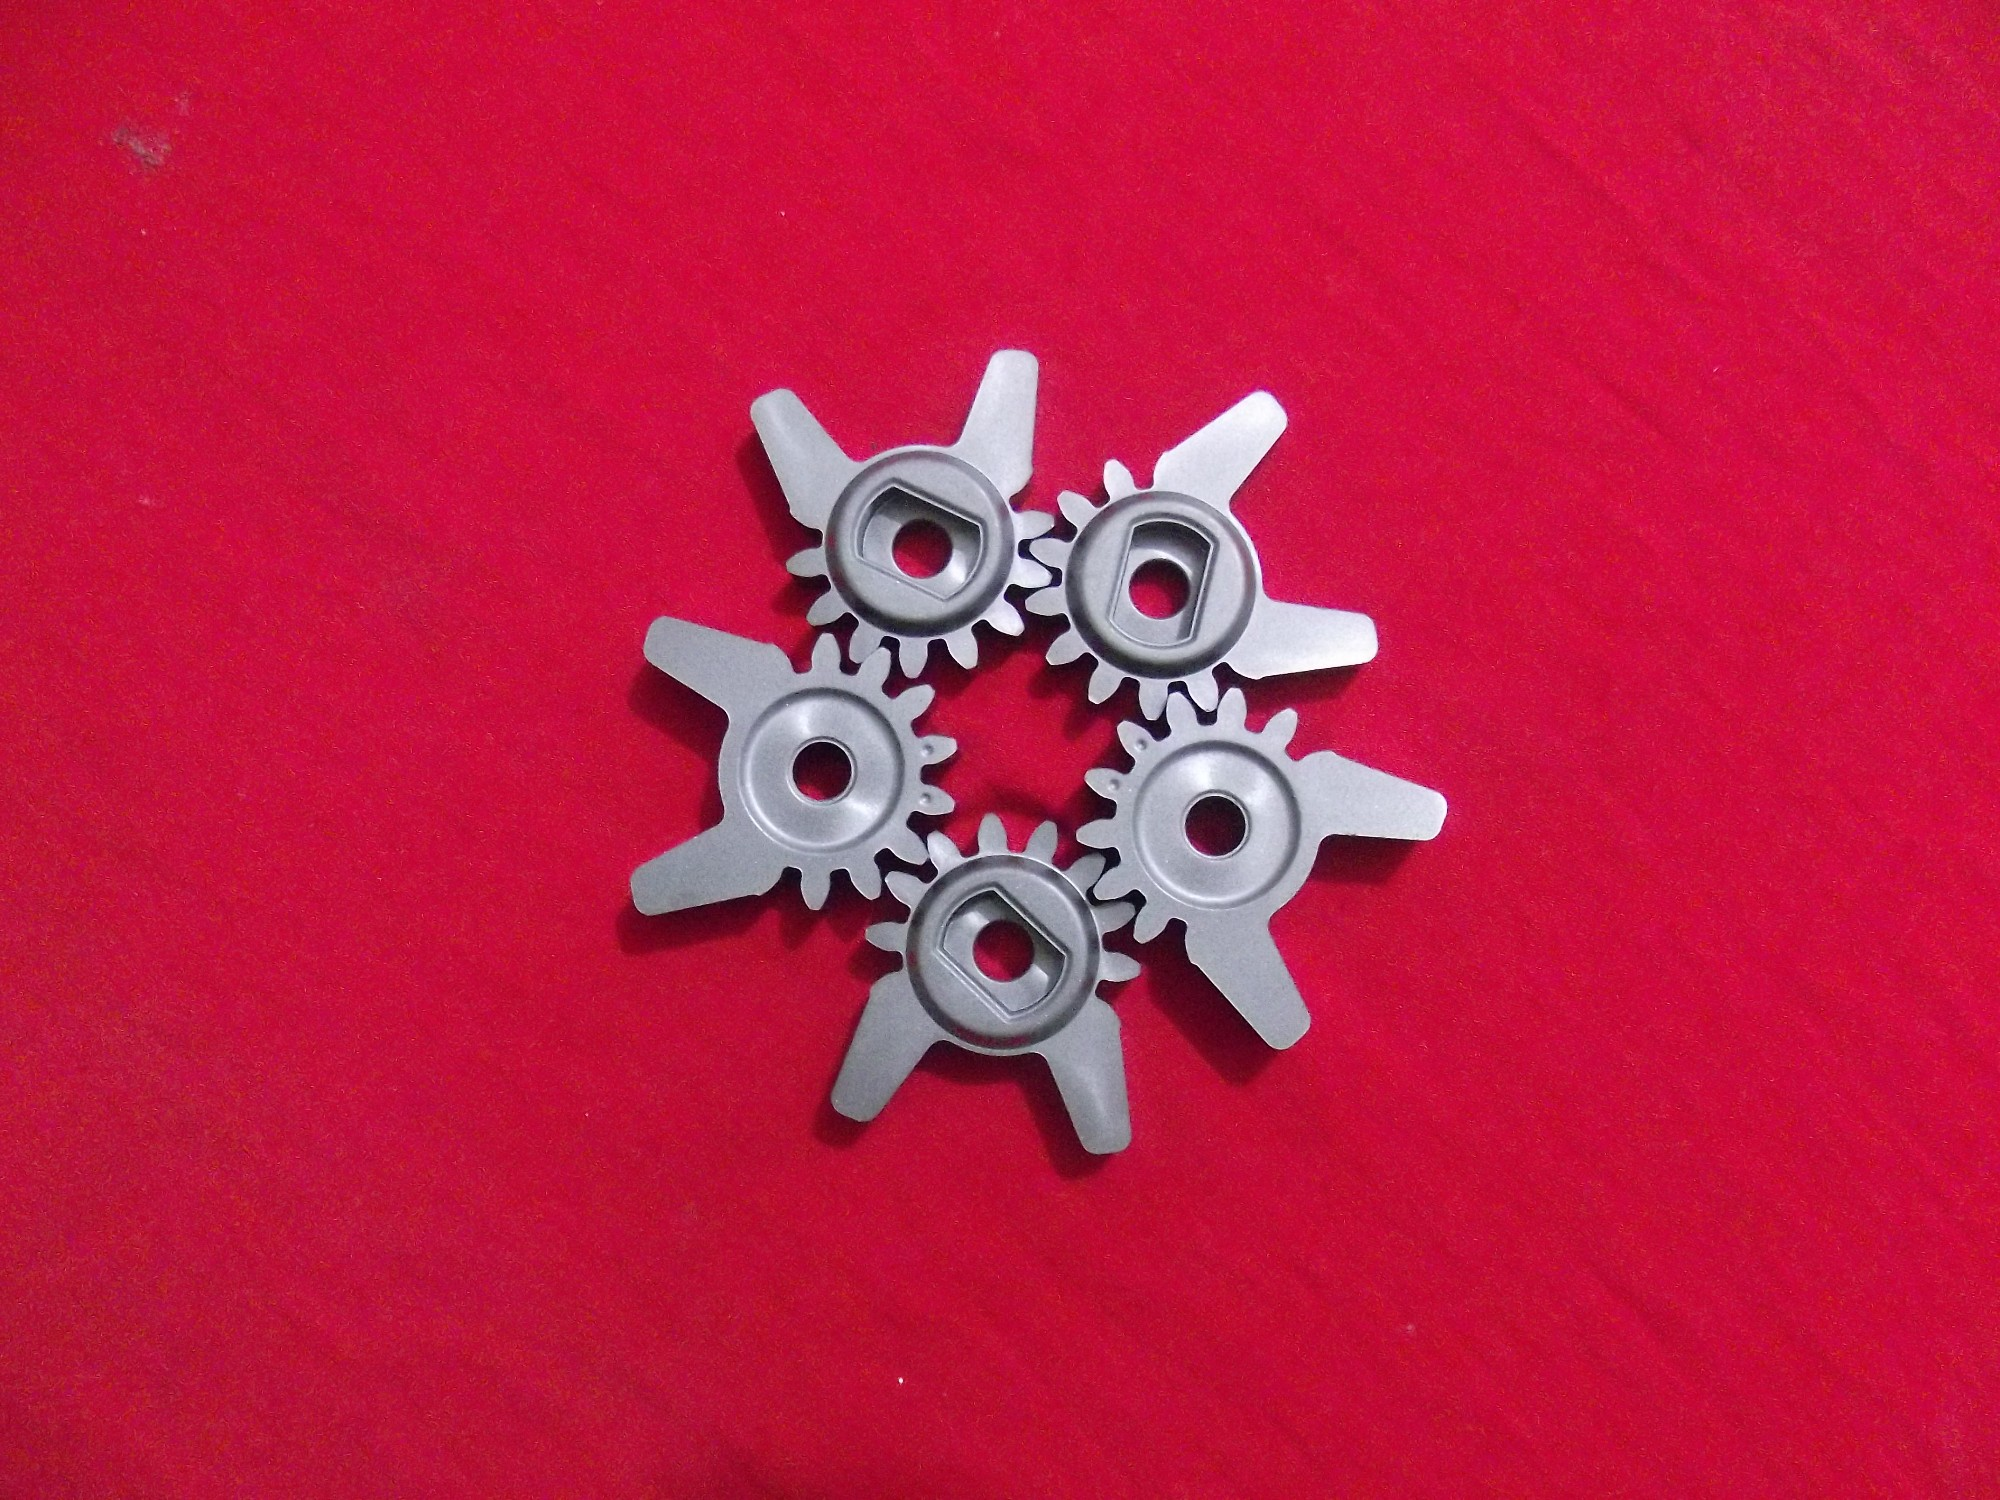 粉末冶金齿轮组